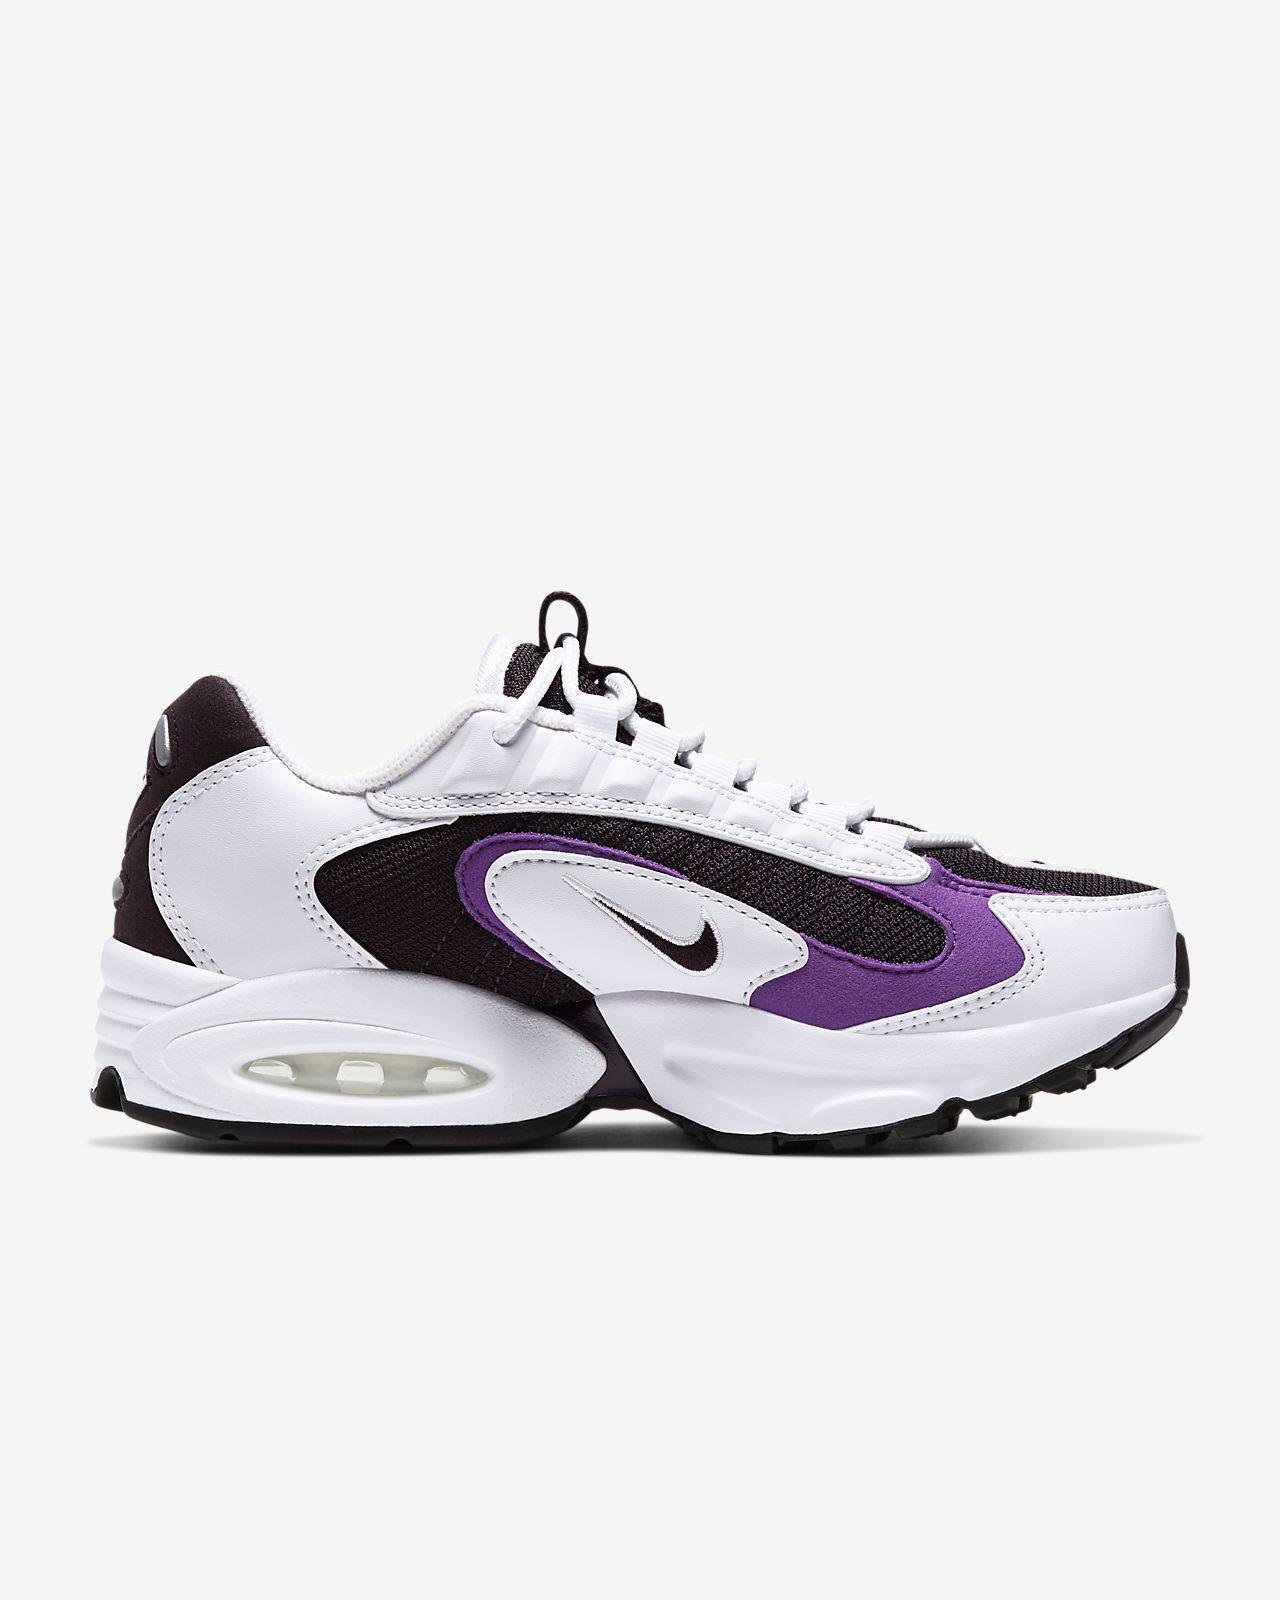 Sapatilhas Nike Air Max Triax para mulher